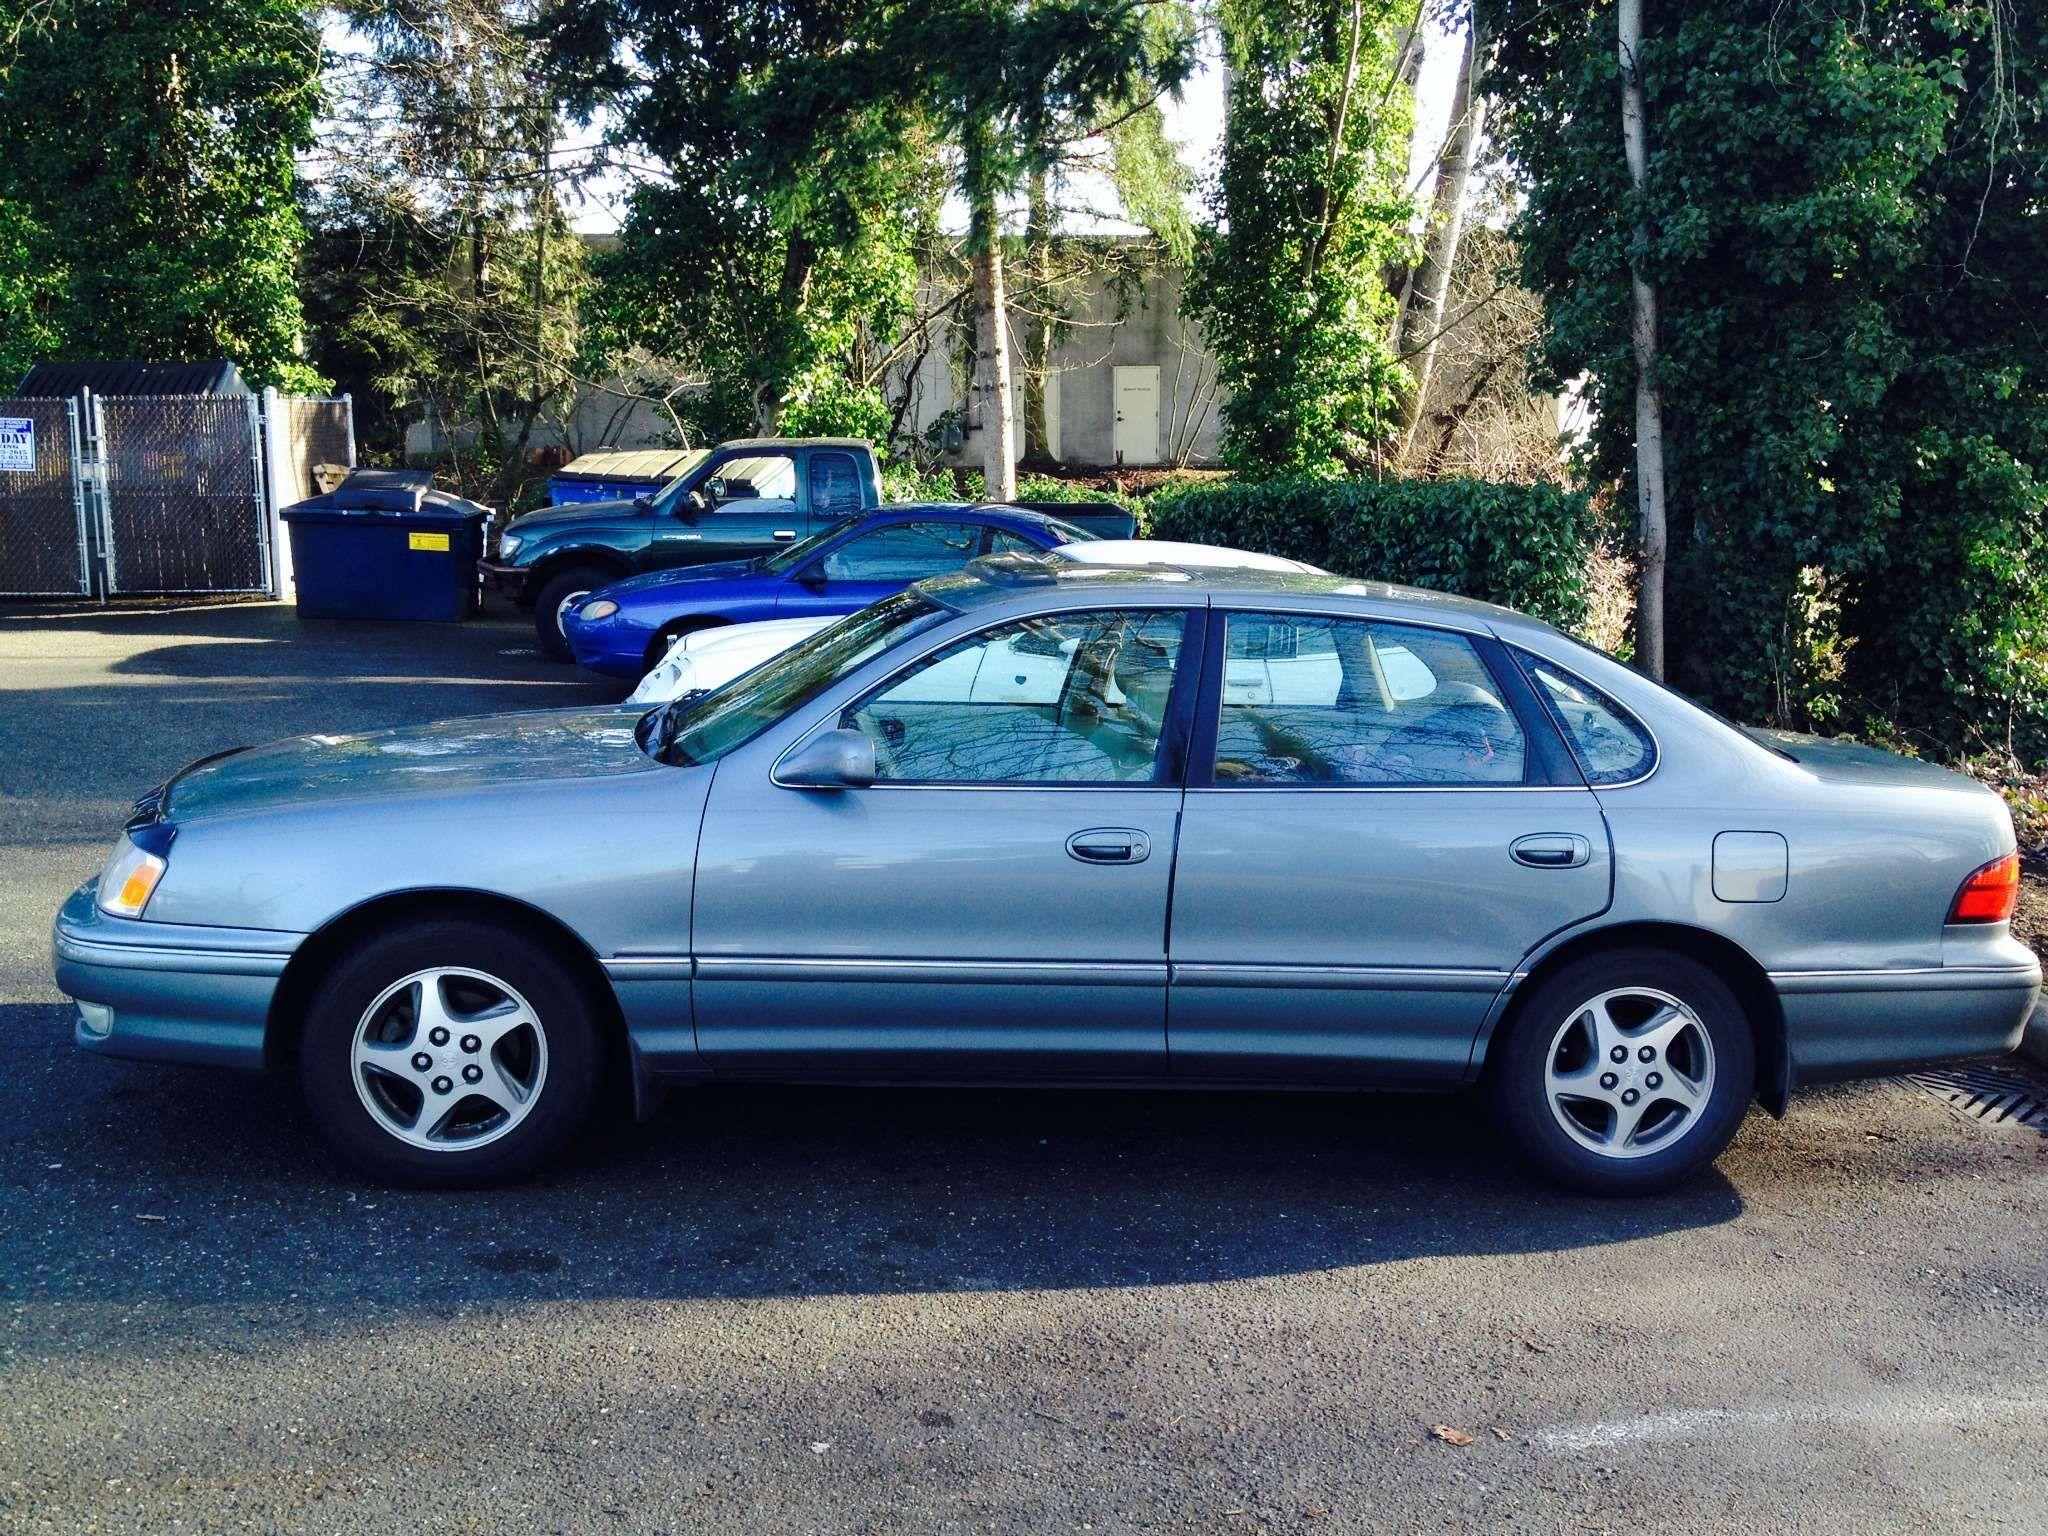 0d9954d0032e5f93e82918f276415dc8 Great Description About 1998 toyota Avalon Xls with Fabulous Pictures Cars Review